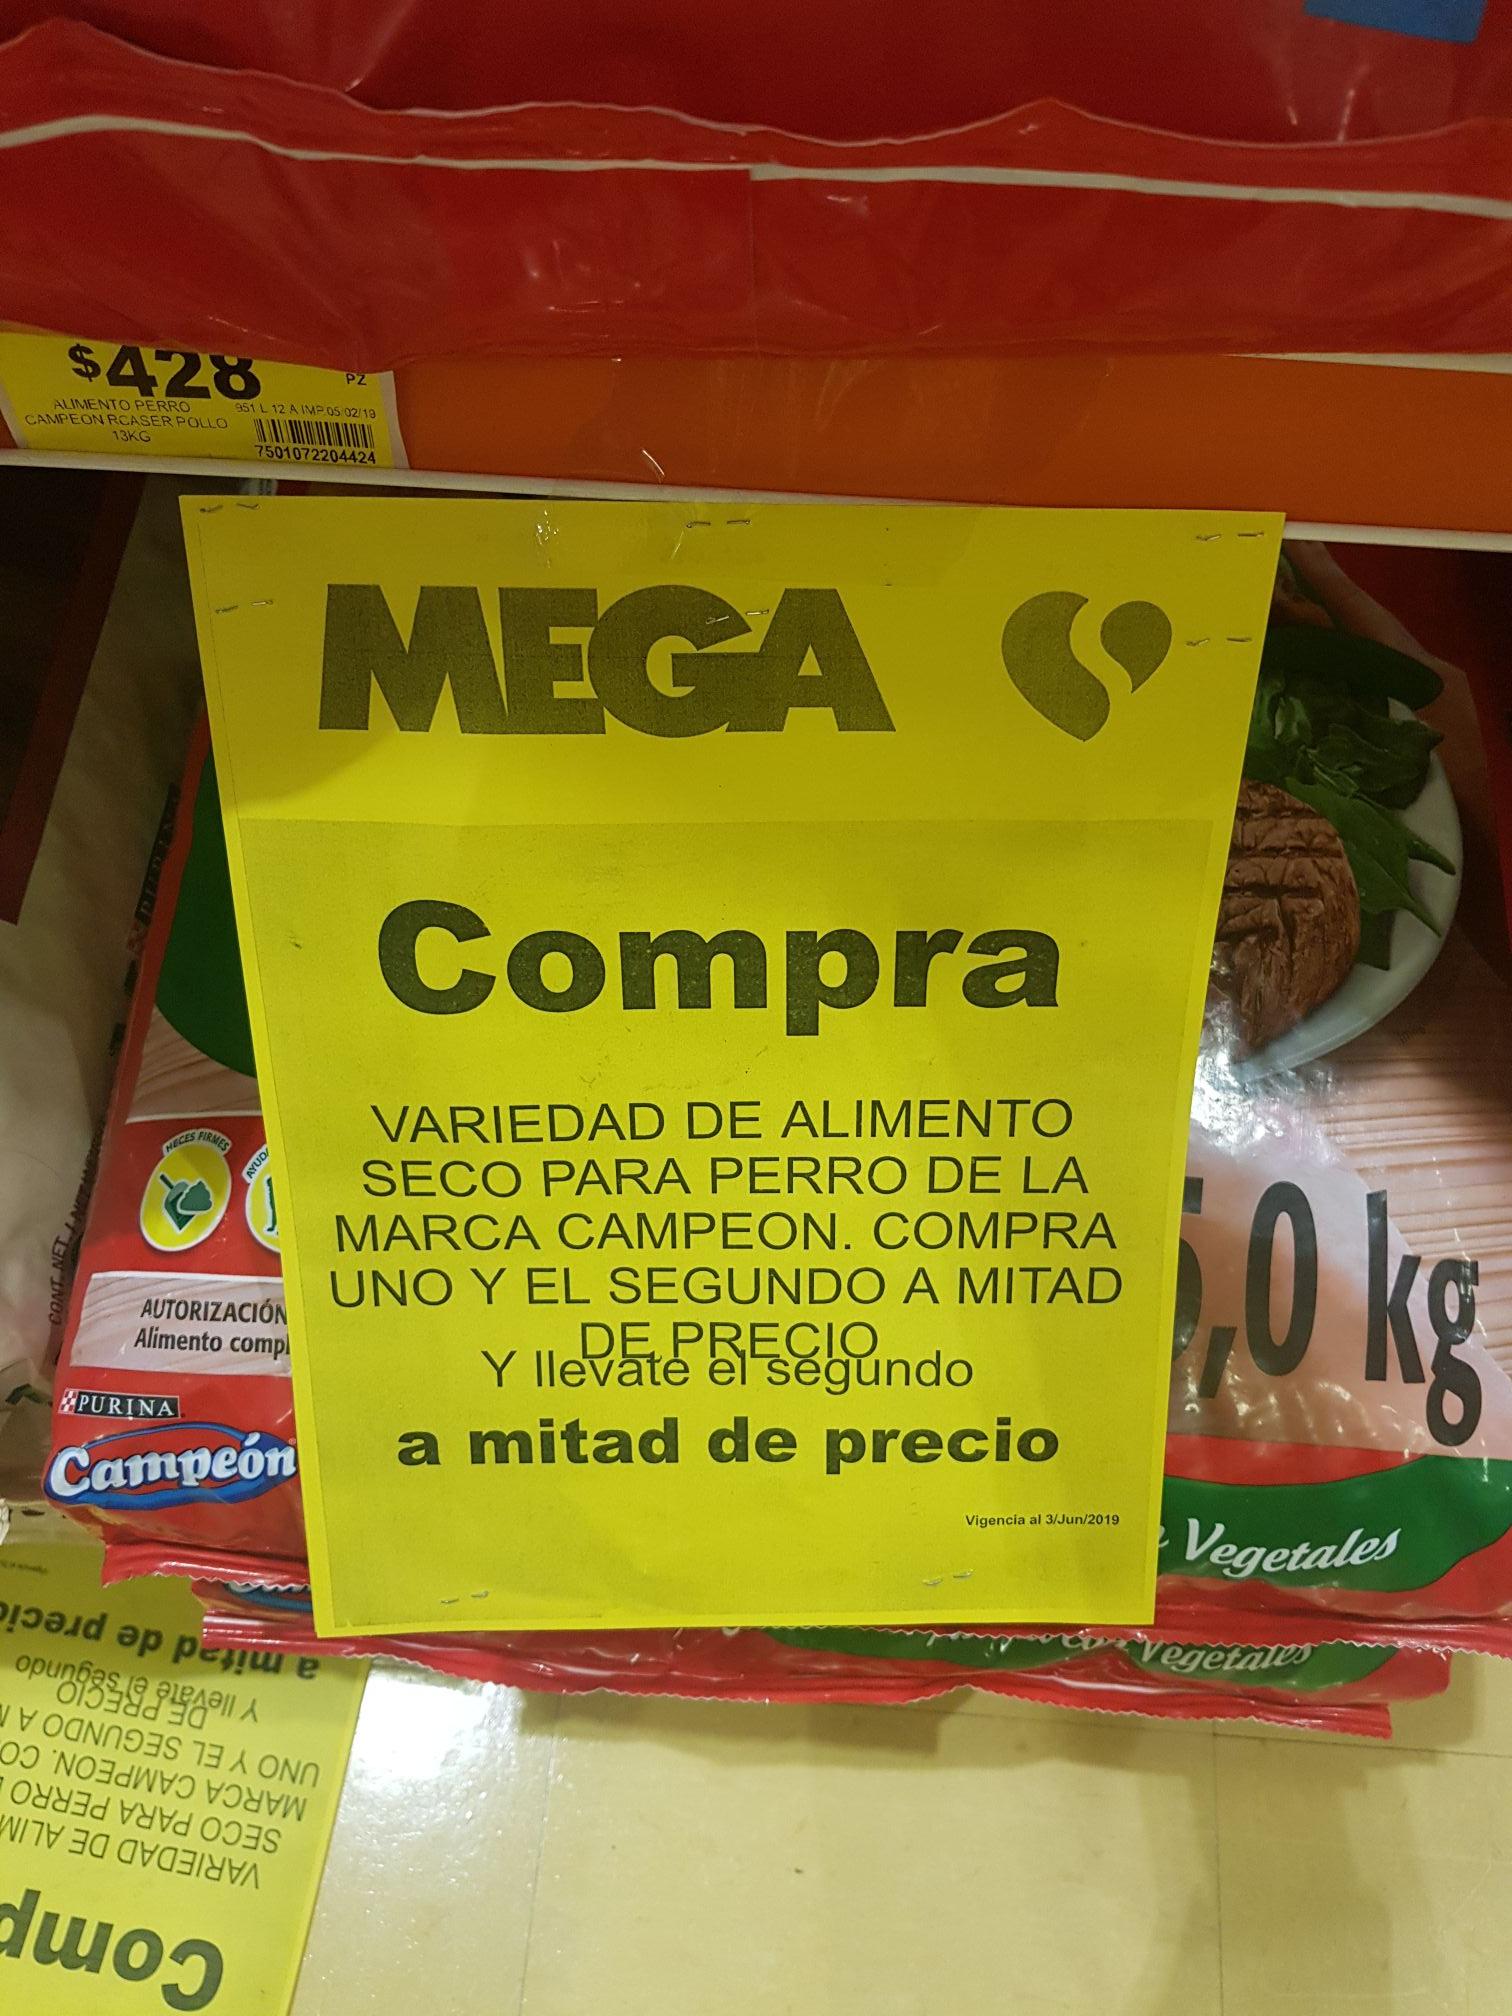 MEGA Soriana: Alimento Campeón a 2x1 y Jabón Ace compra uno y el otro a 1/2